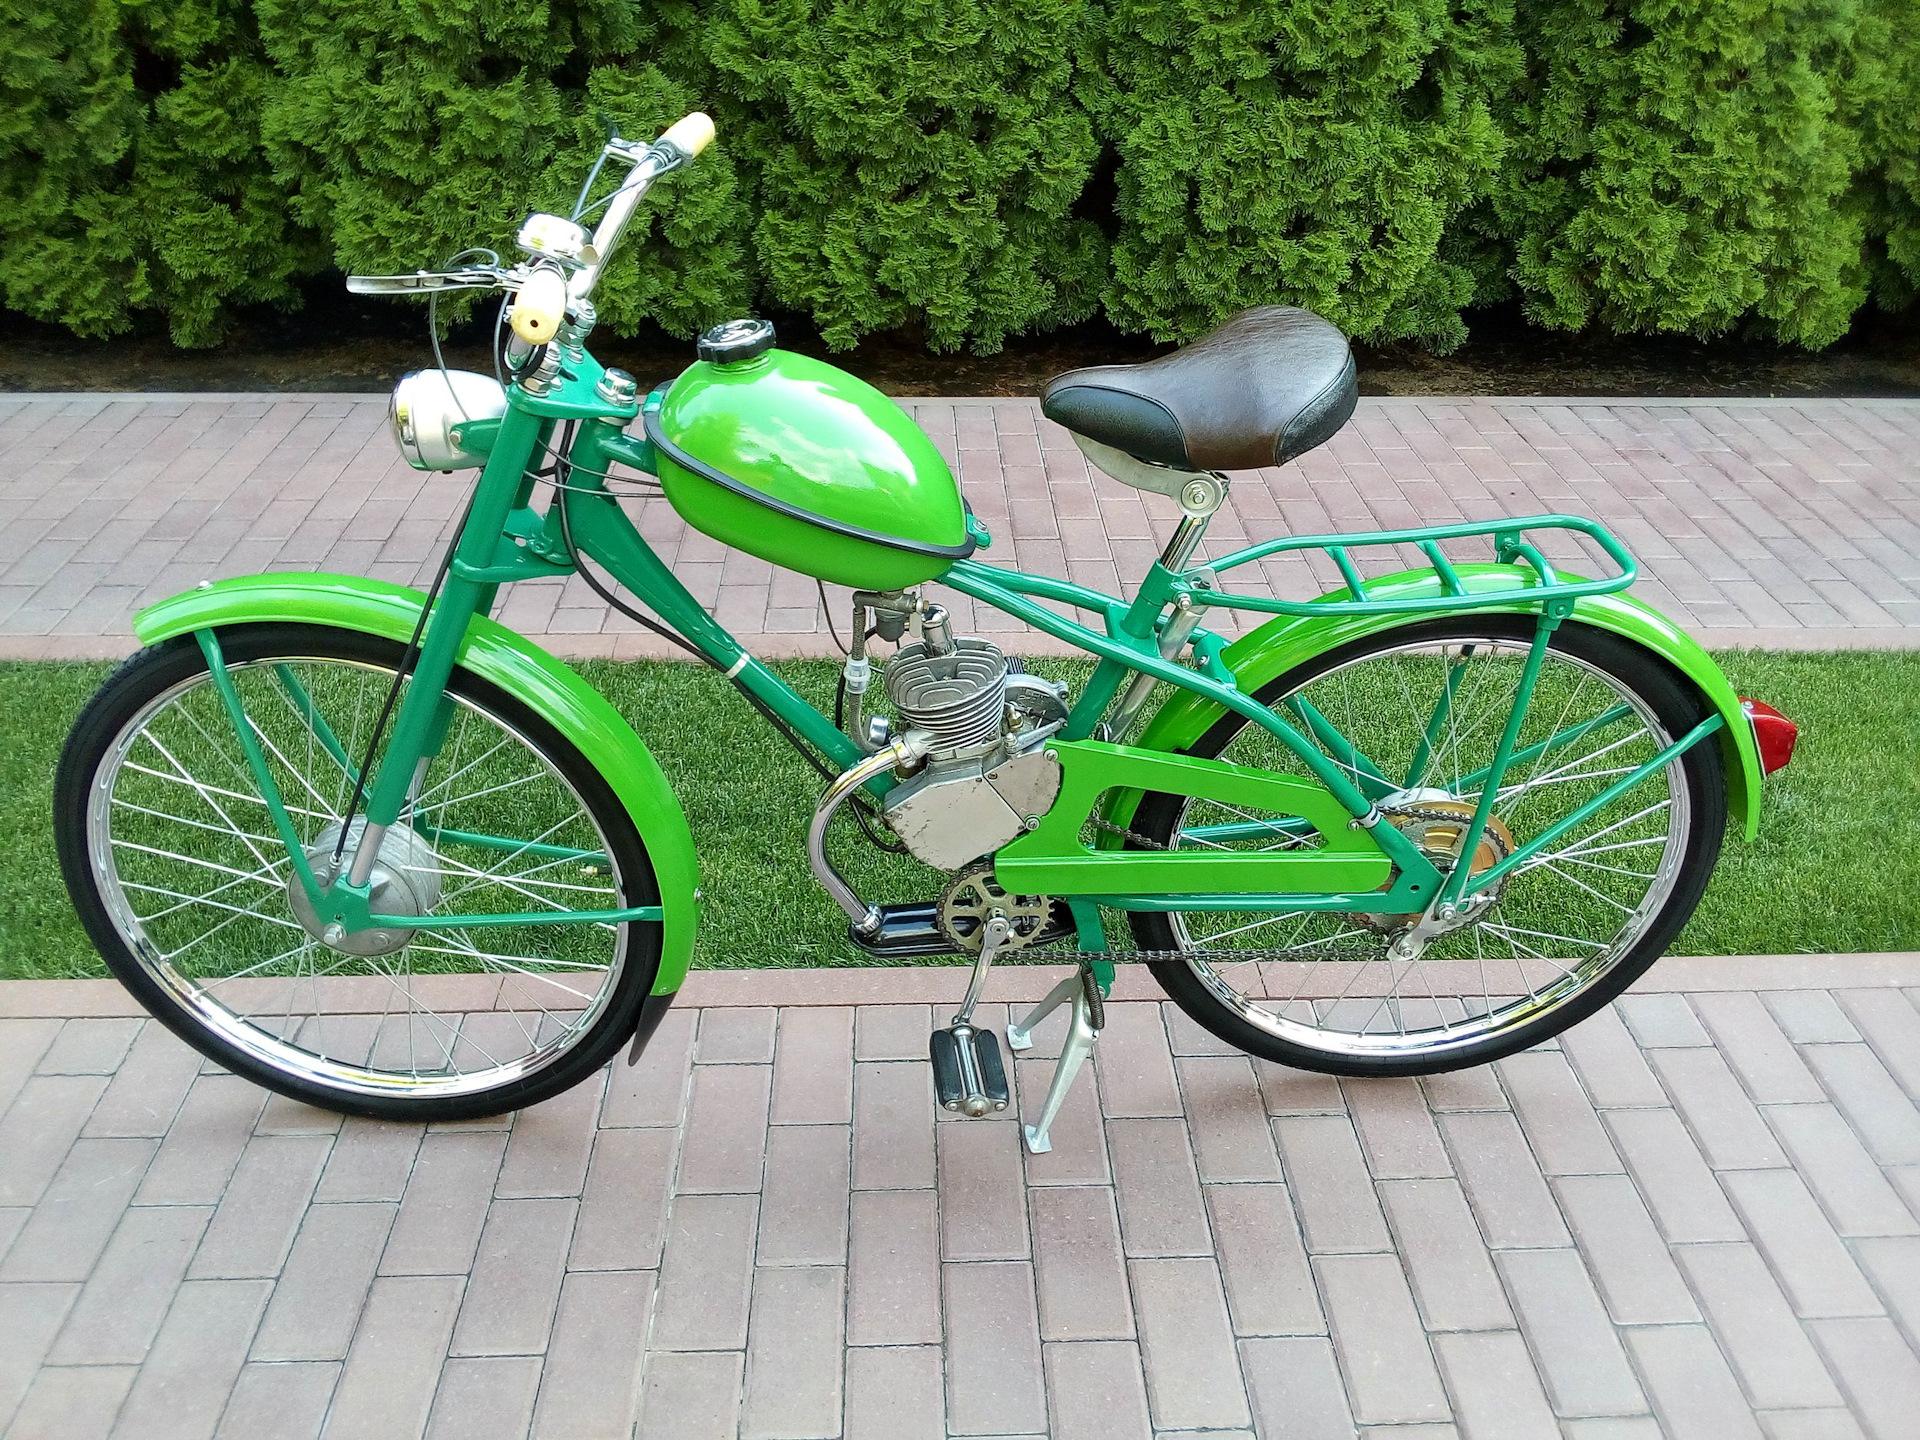 Картинки мотоцикла рига